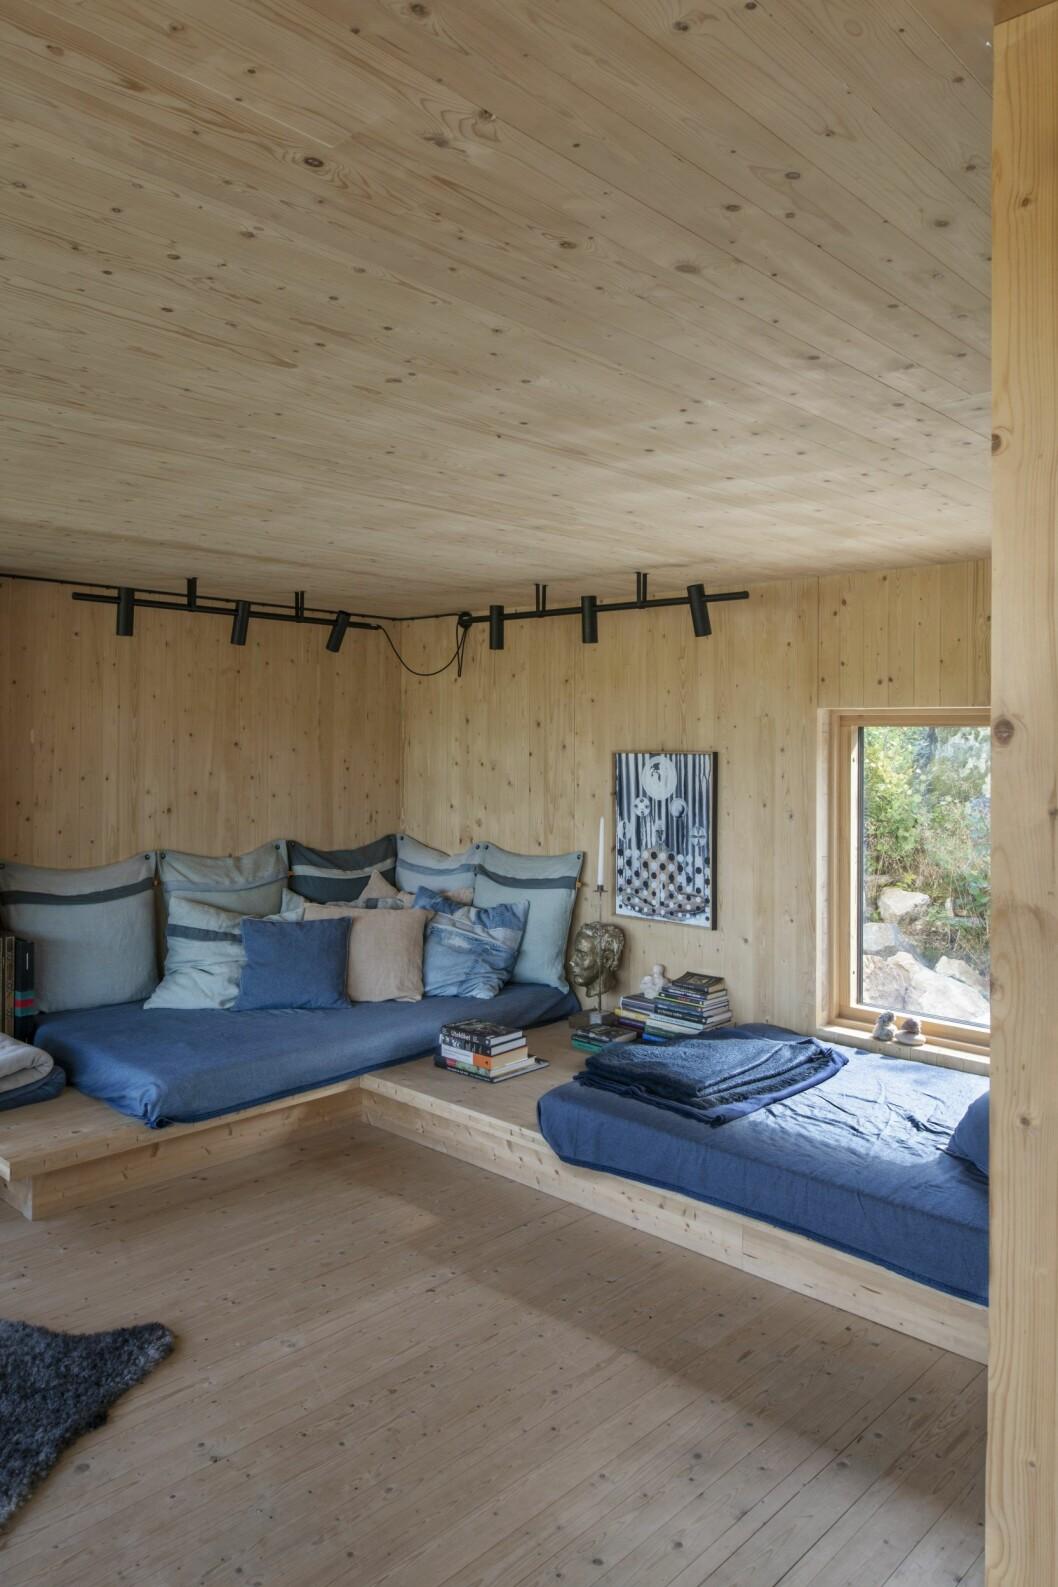 Inbyggda bänkar i vardagsrummets privata del.